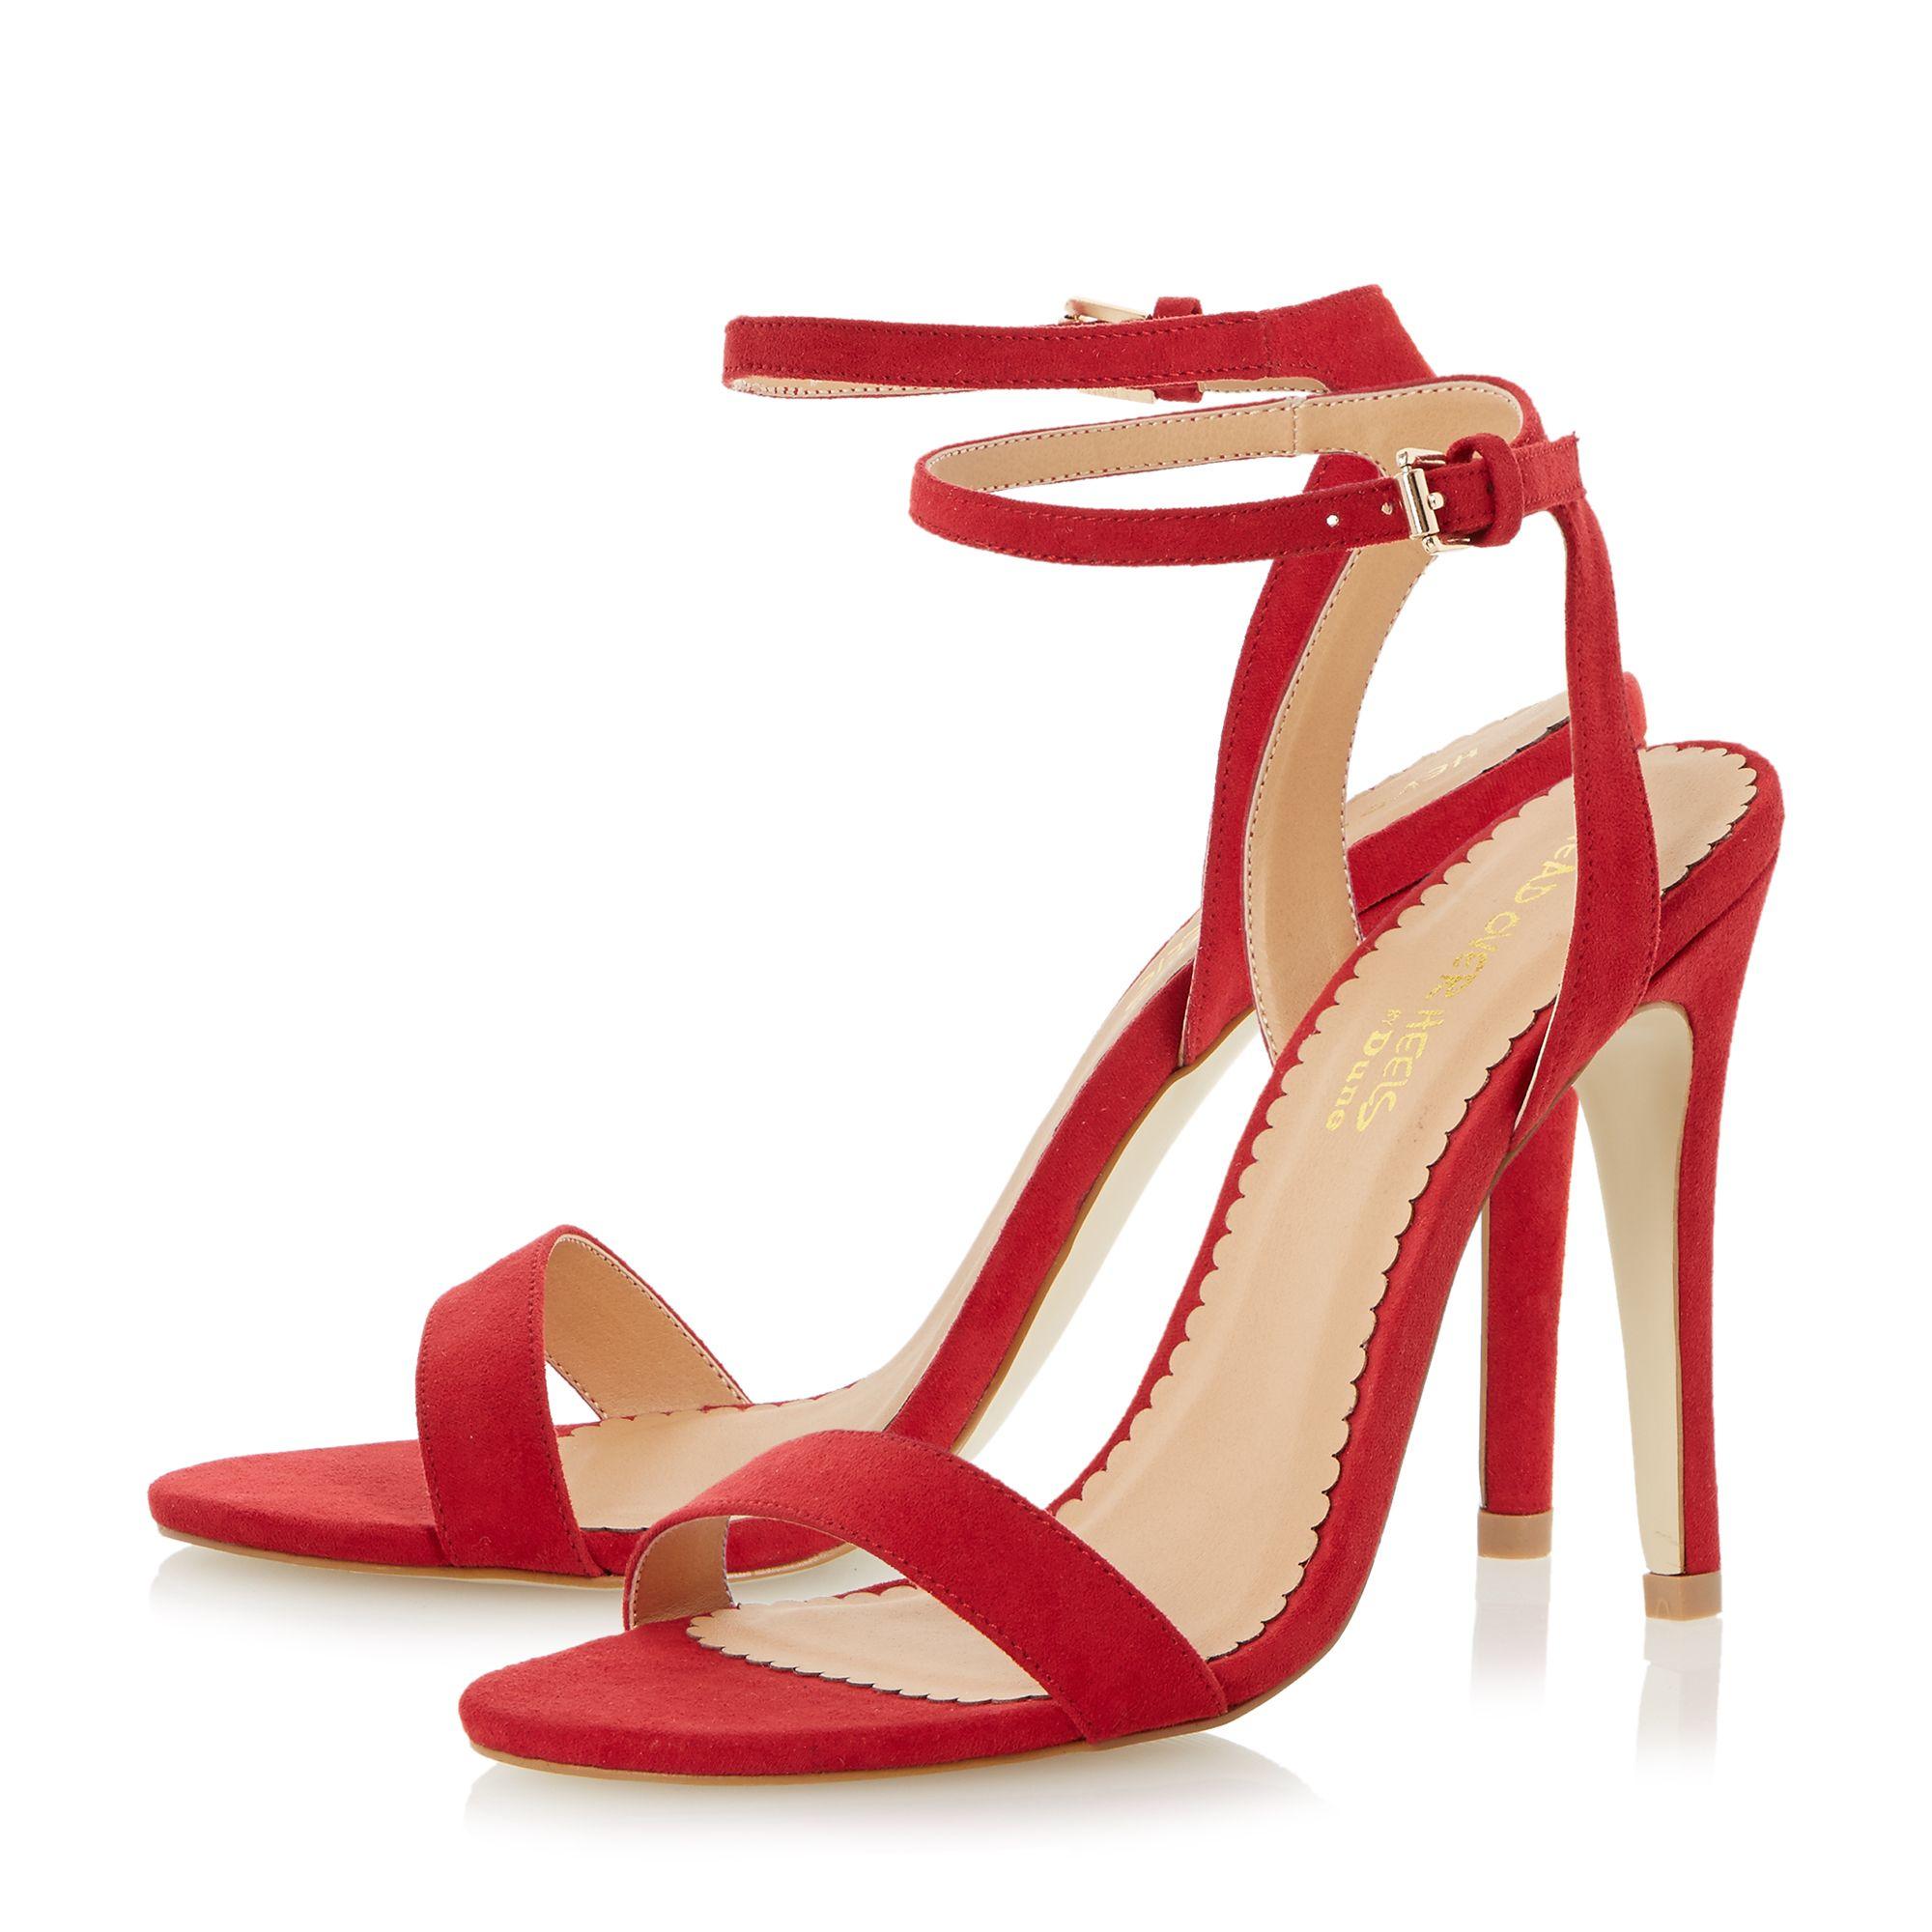 Red Strappy Sandals Heels - Is Heel